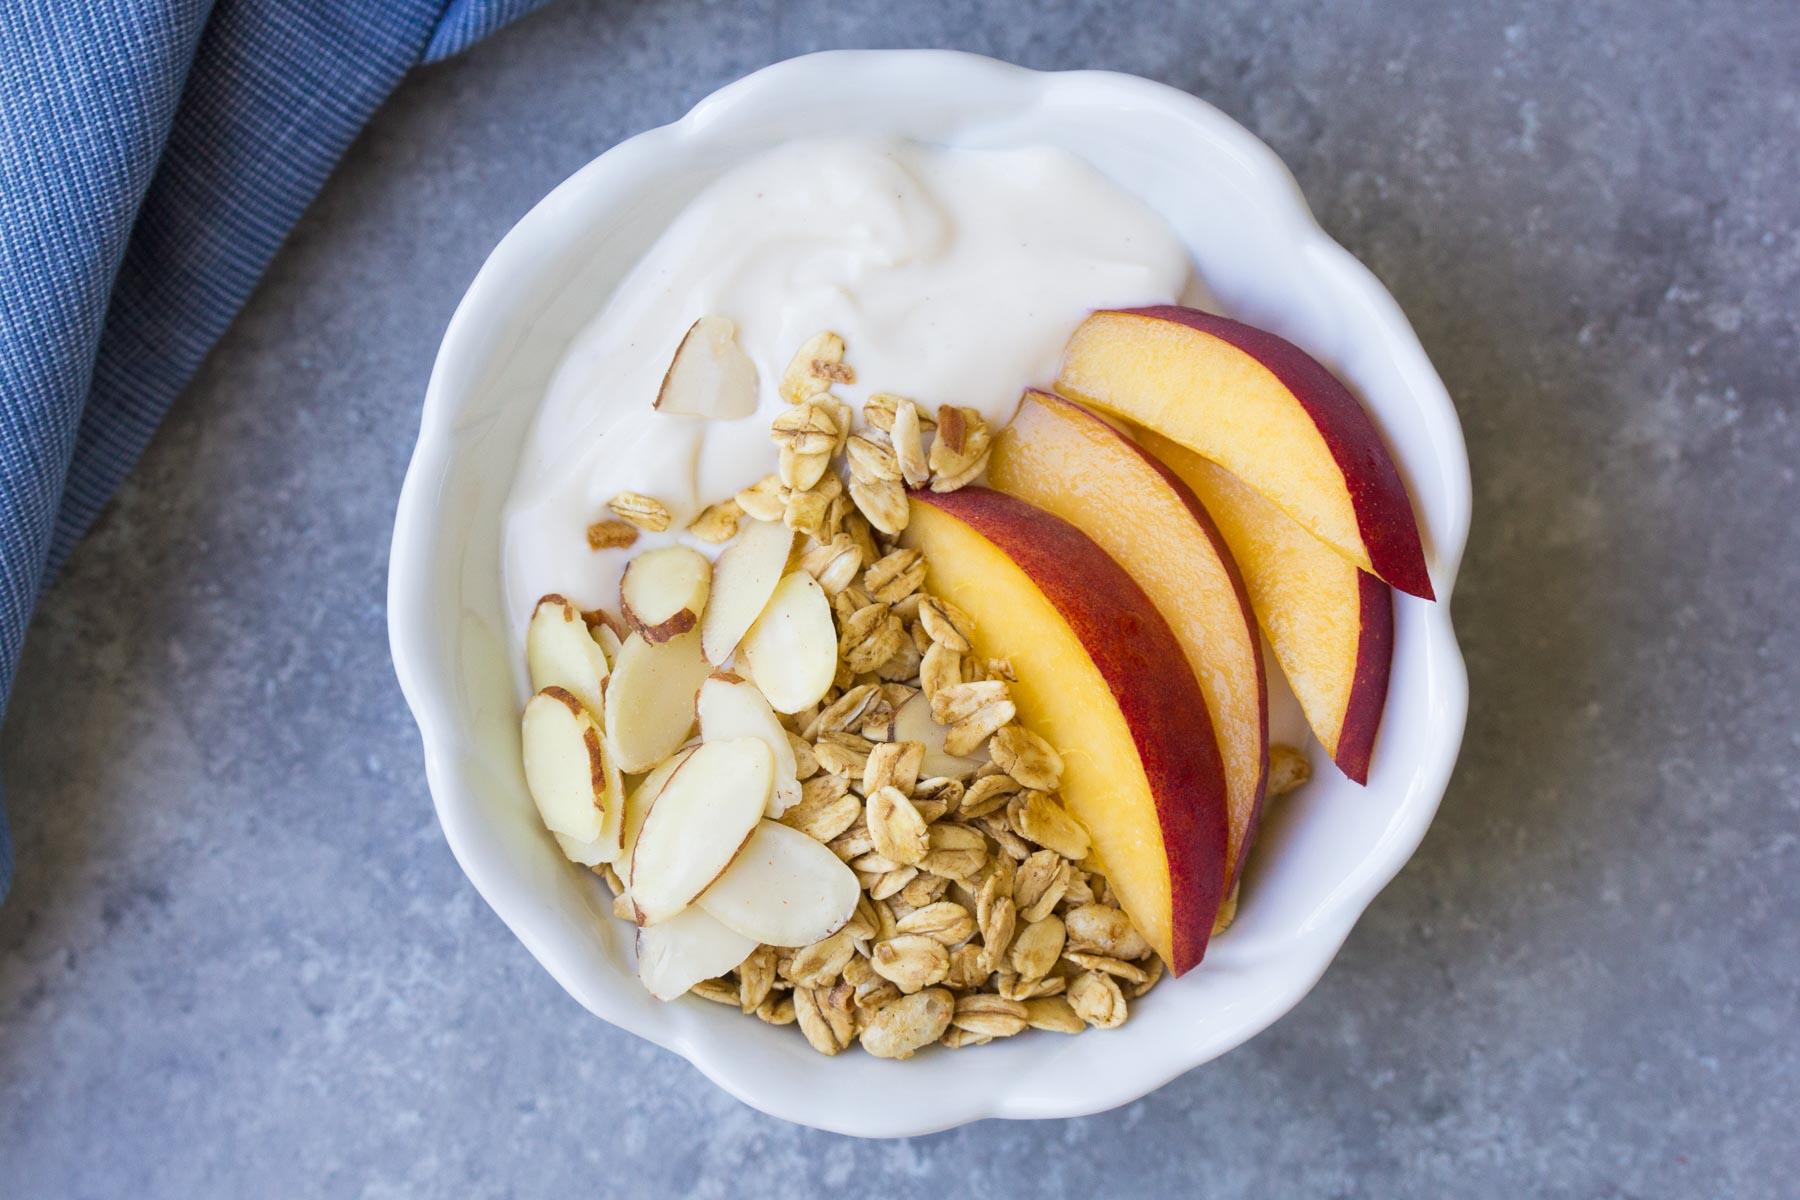 Peach Granola Yogurt Bowl. Diary free, made with almond milk yogurt.